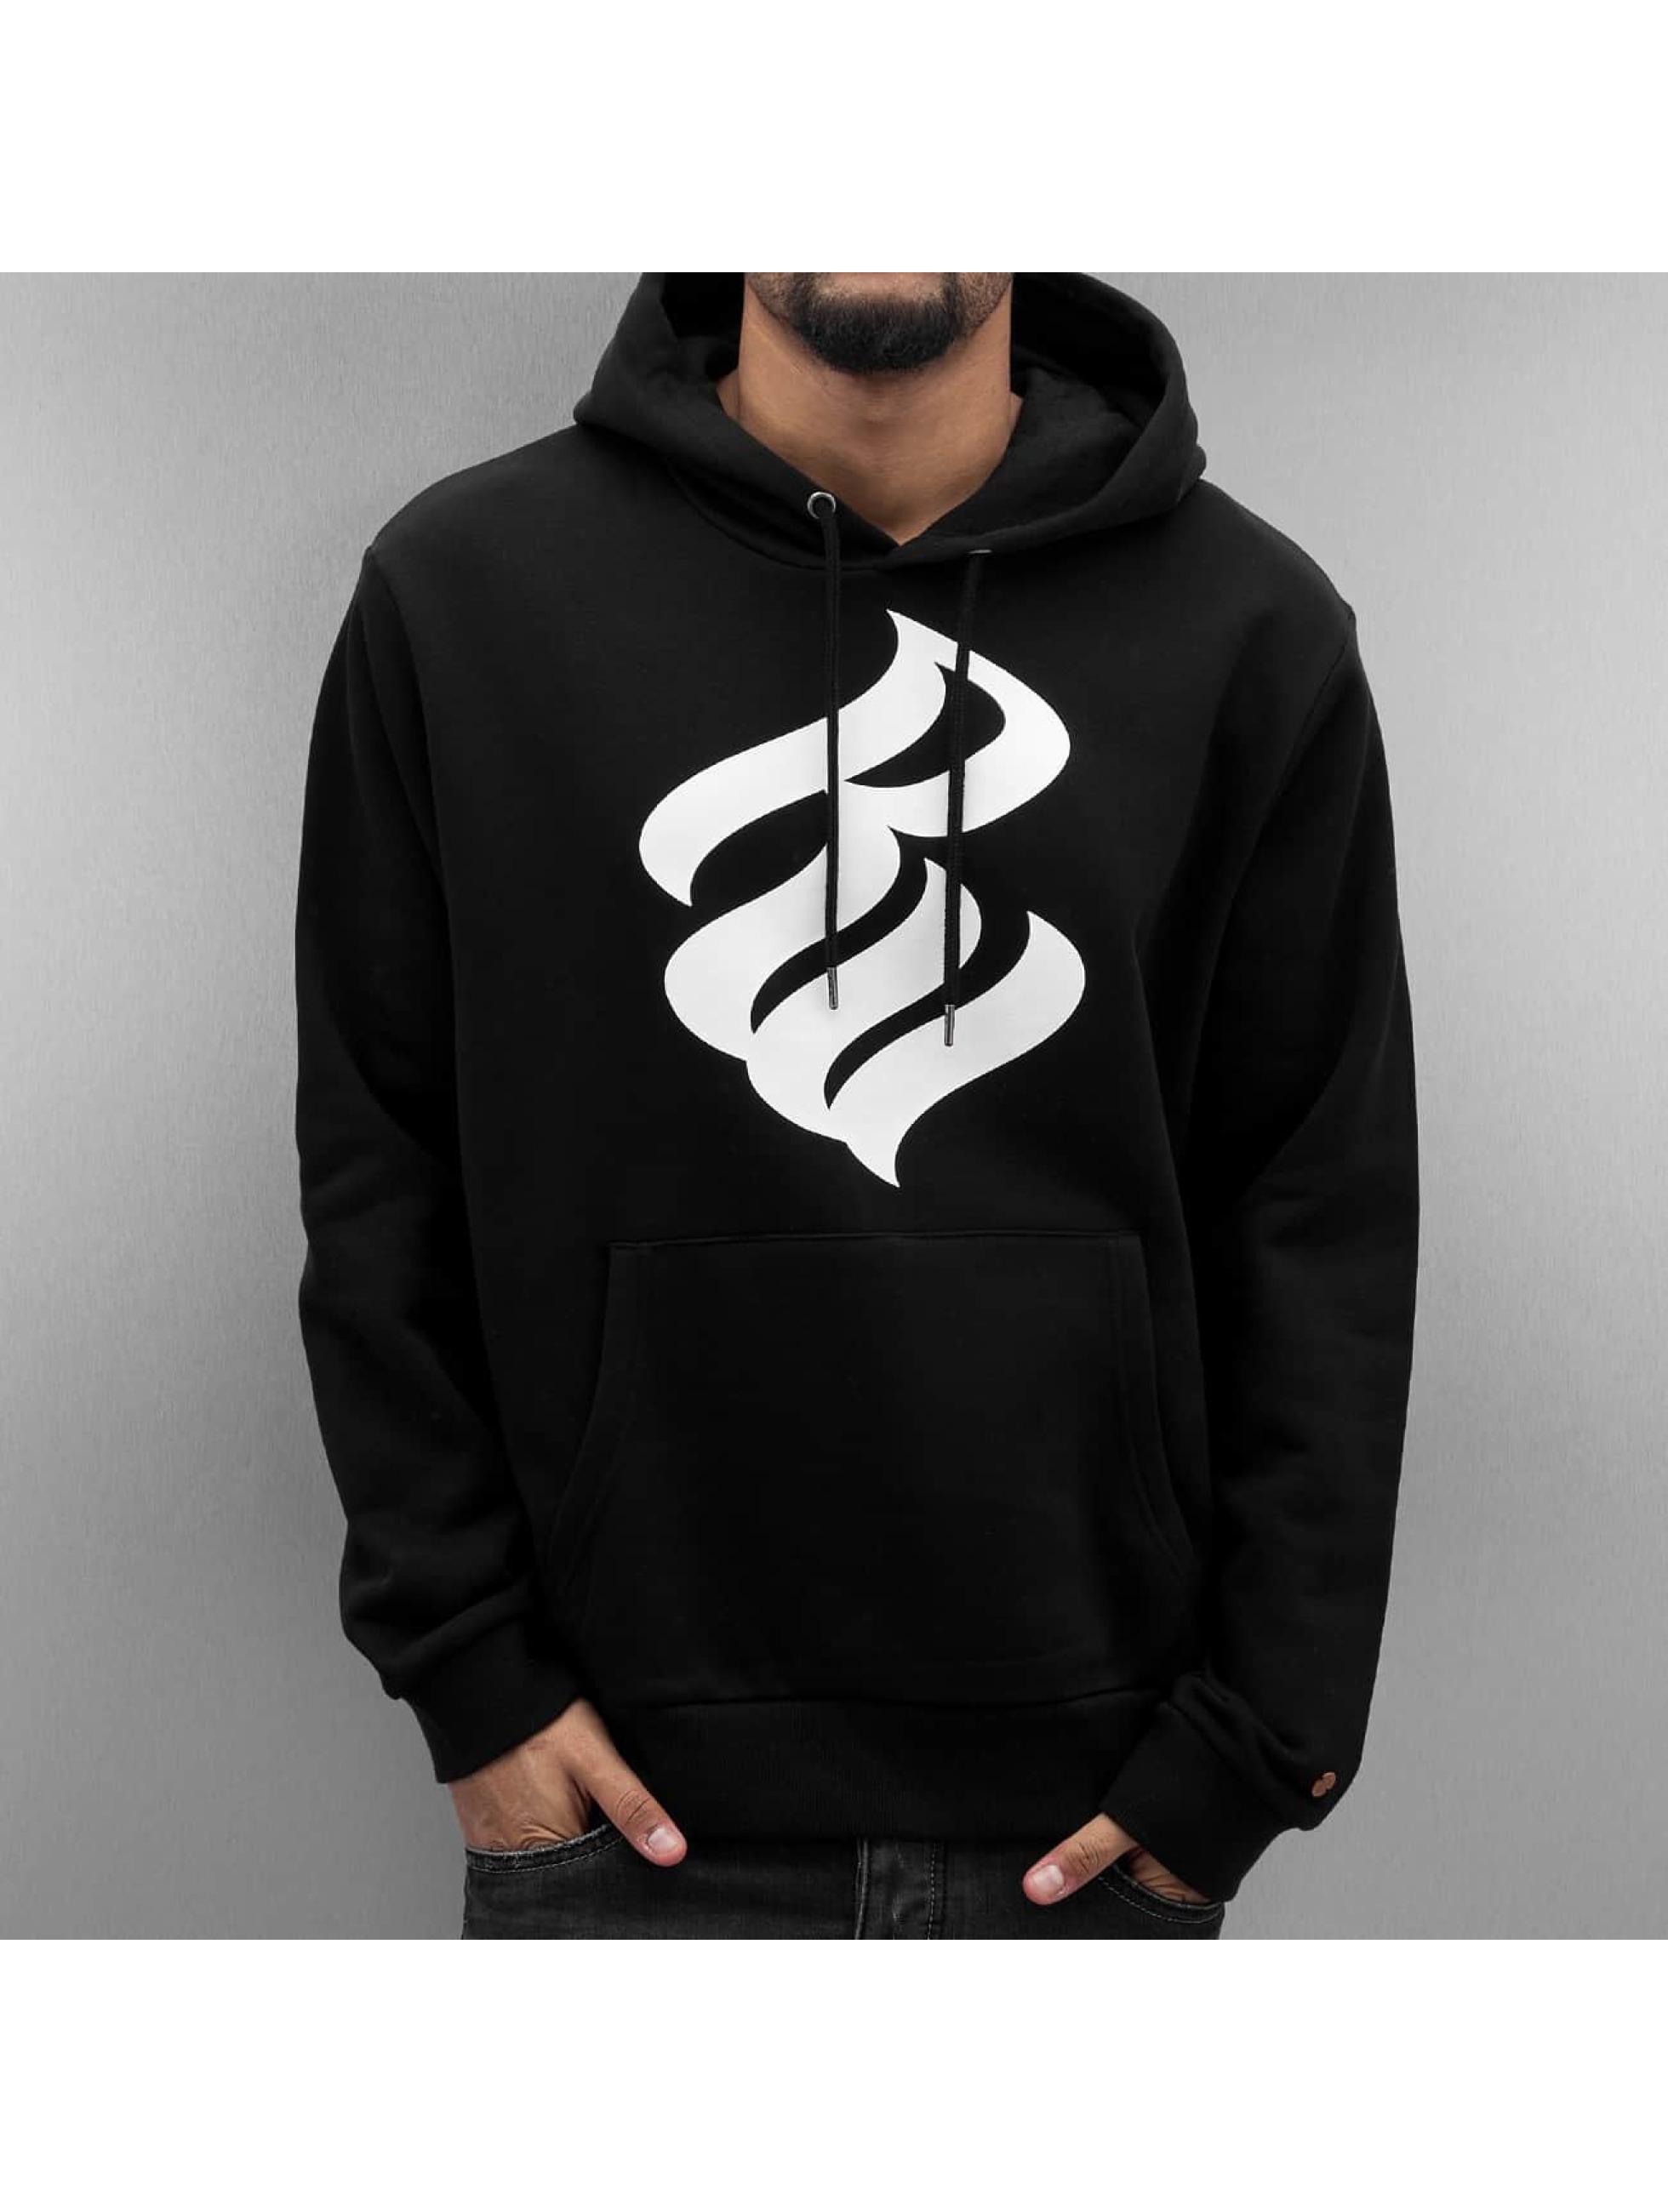 Rocawear / Hoodie Fleece in black XL